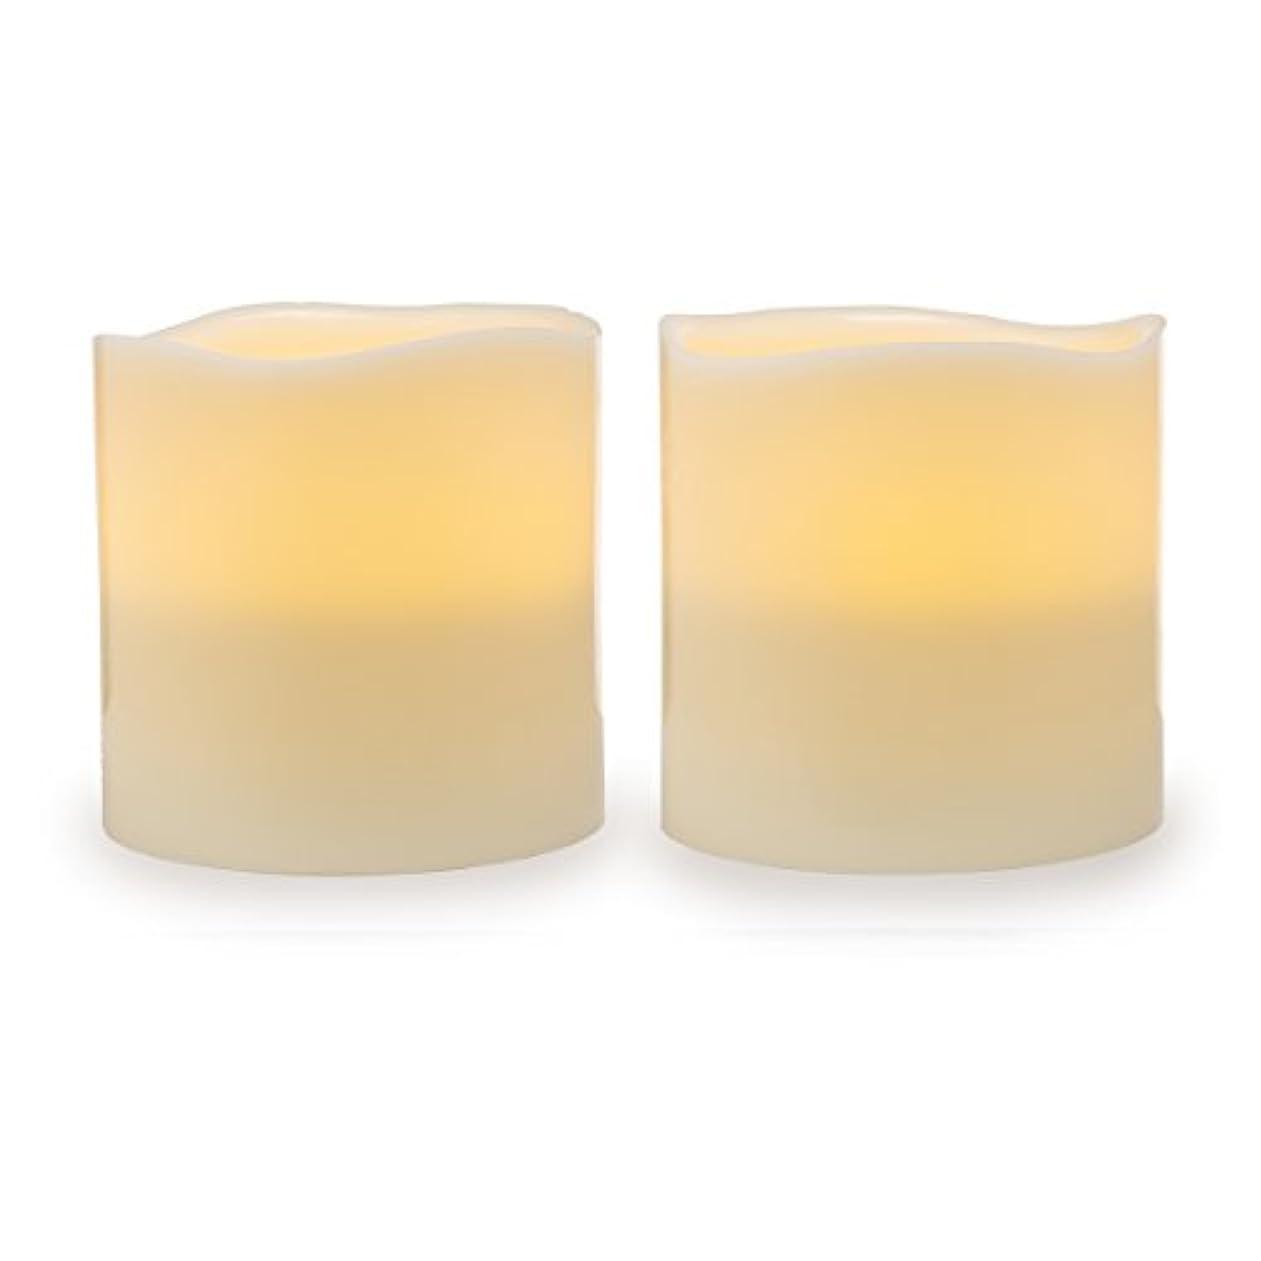 マルクス主義者キャプション逆Darice電池式LED Pillar Candleセット、2ピース